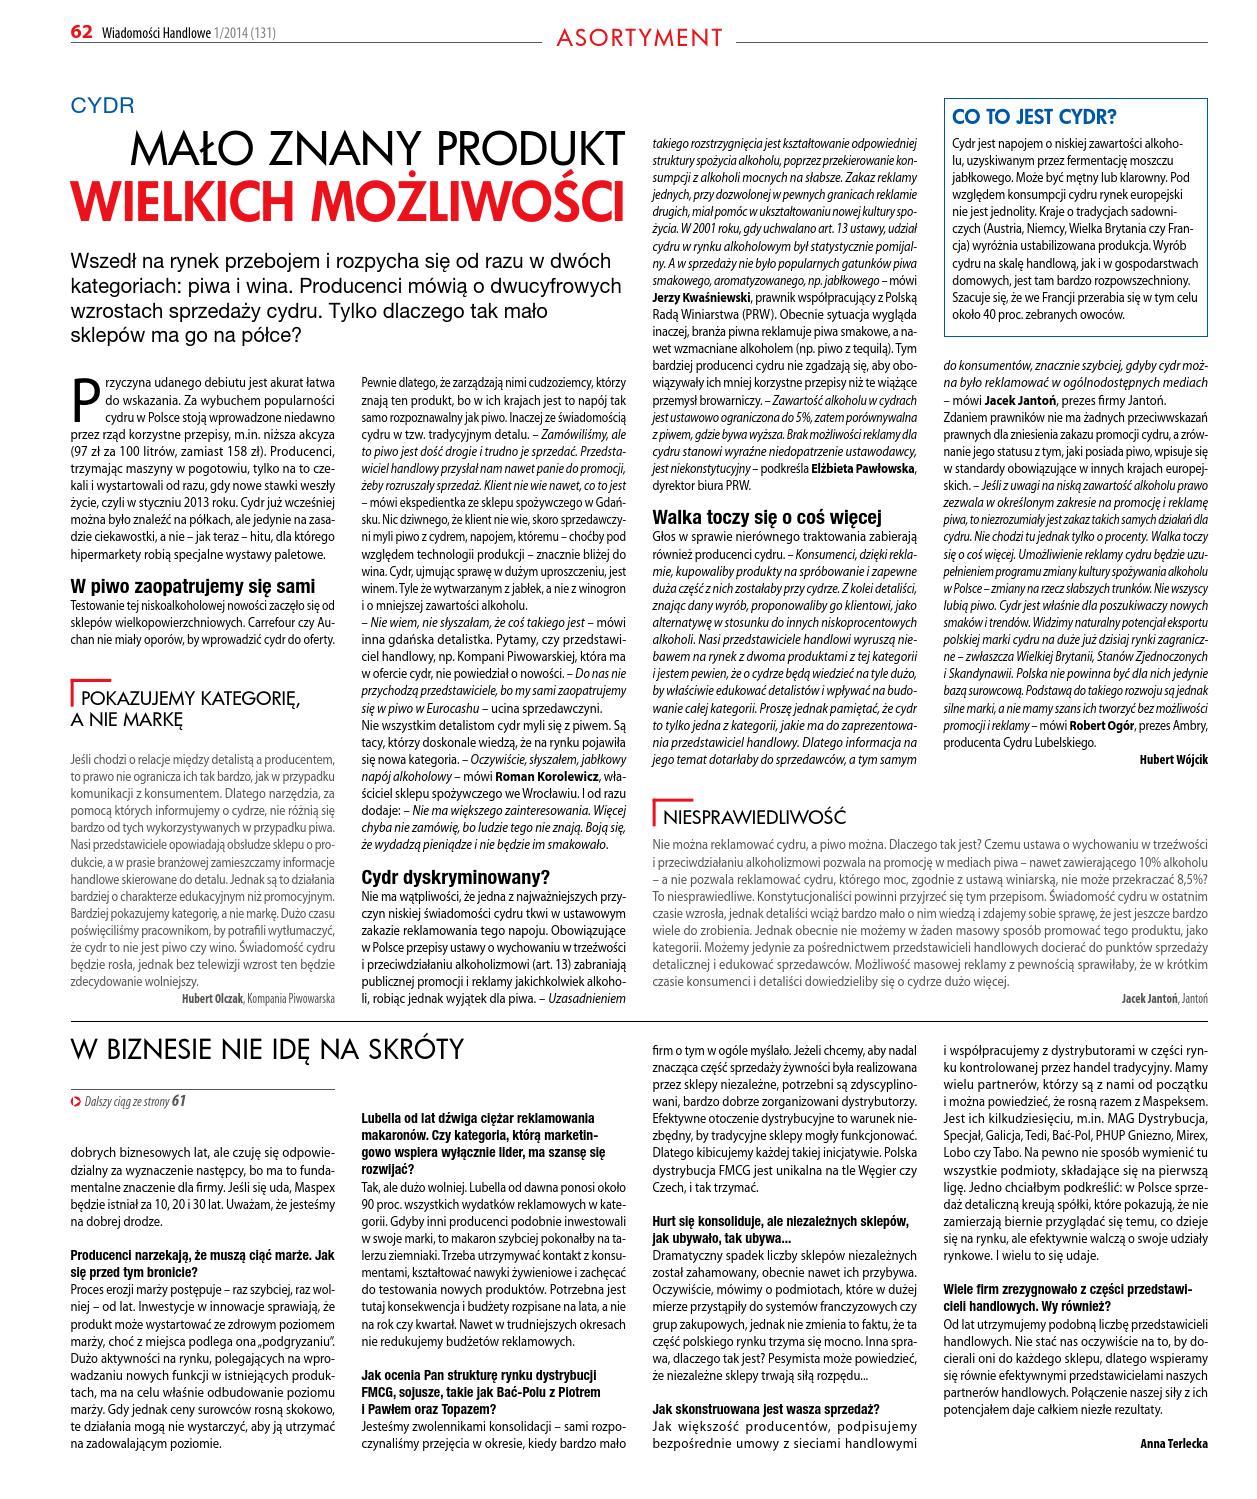 ce6658e301 Wiadomości Handlowe I 2014 by Wydawnictwo Gospodarcze - issuu